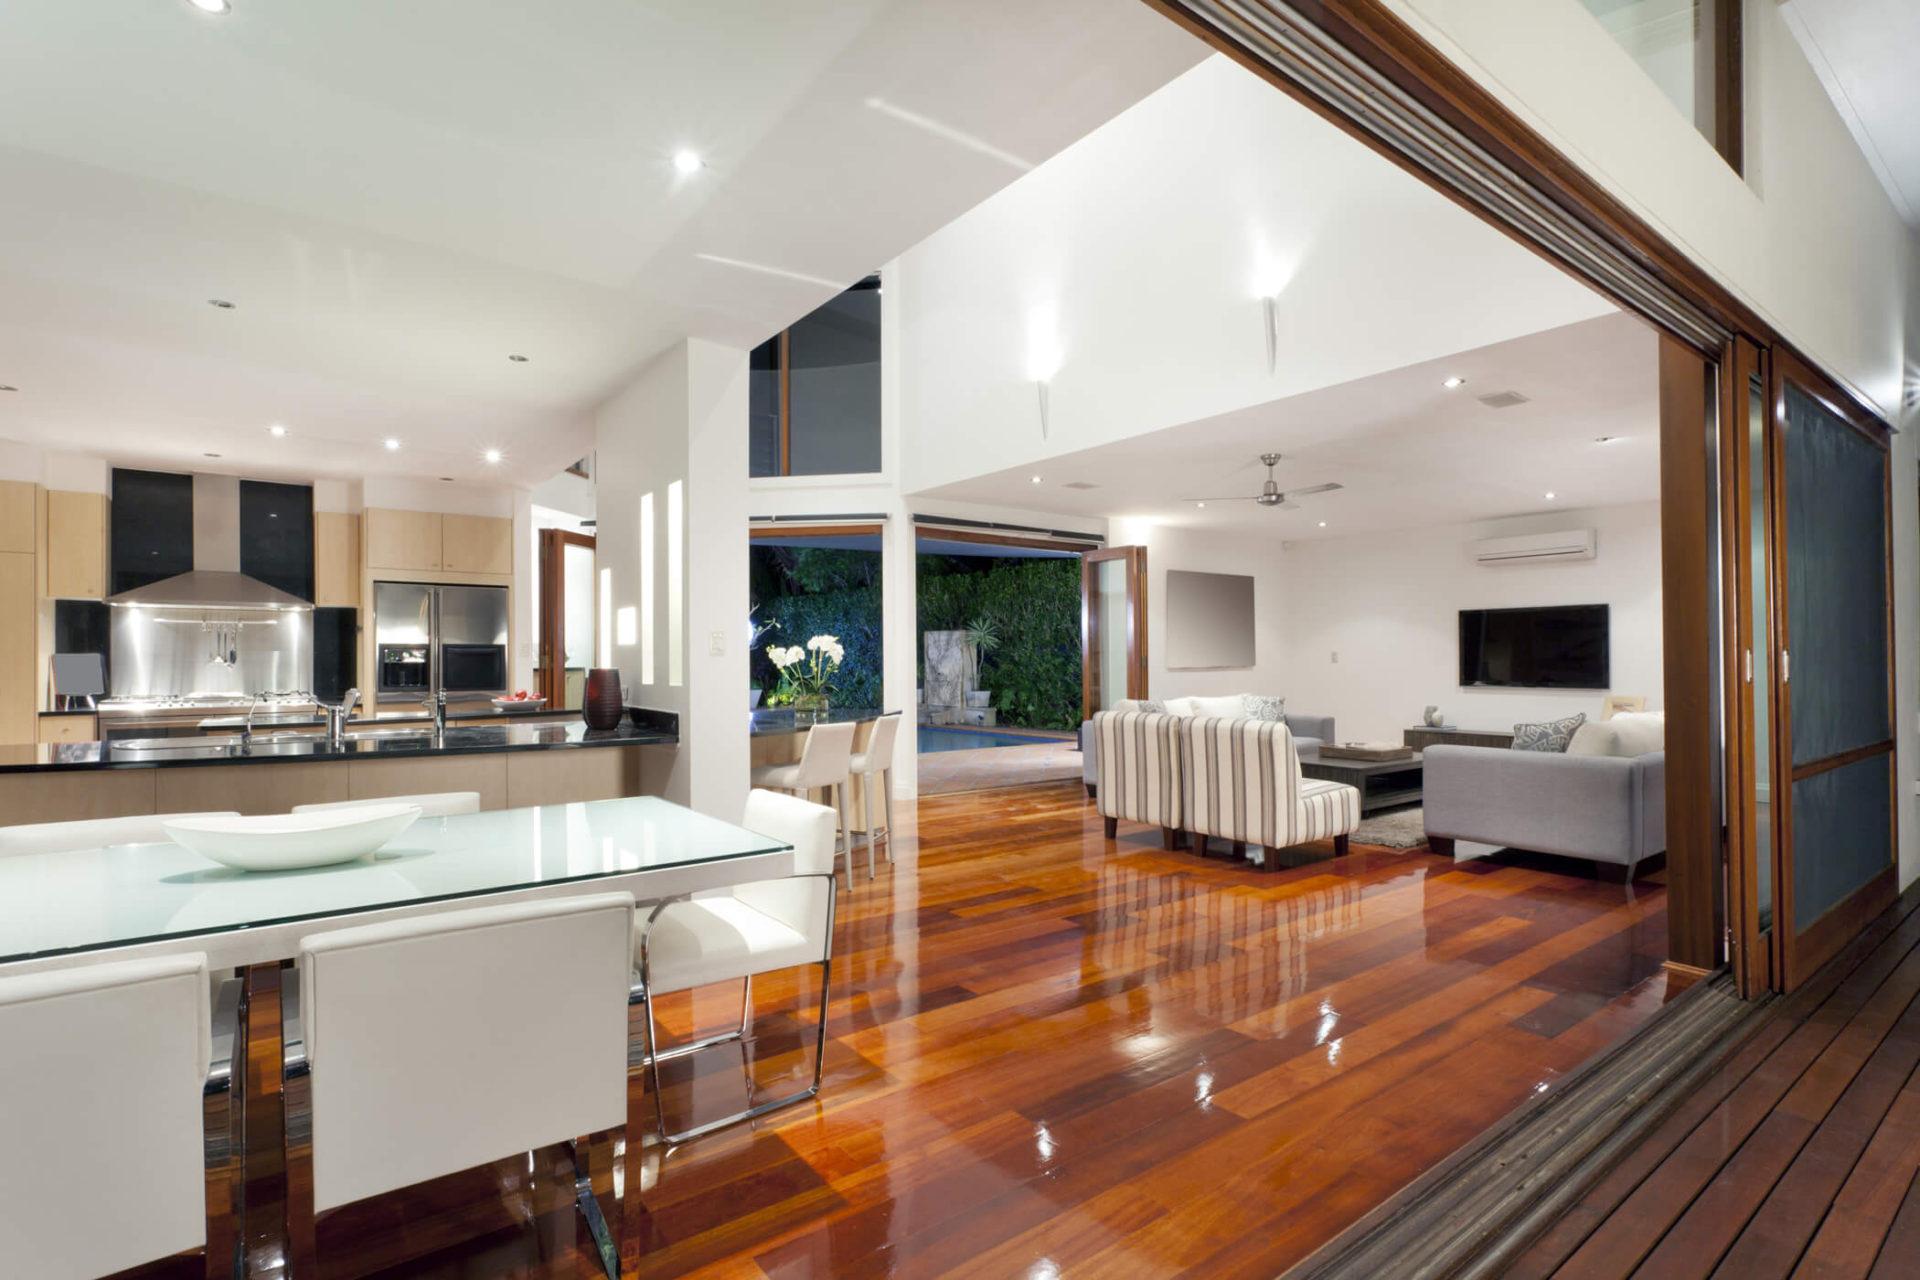 wooden-floor-interior-1920x1280